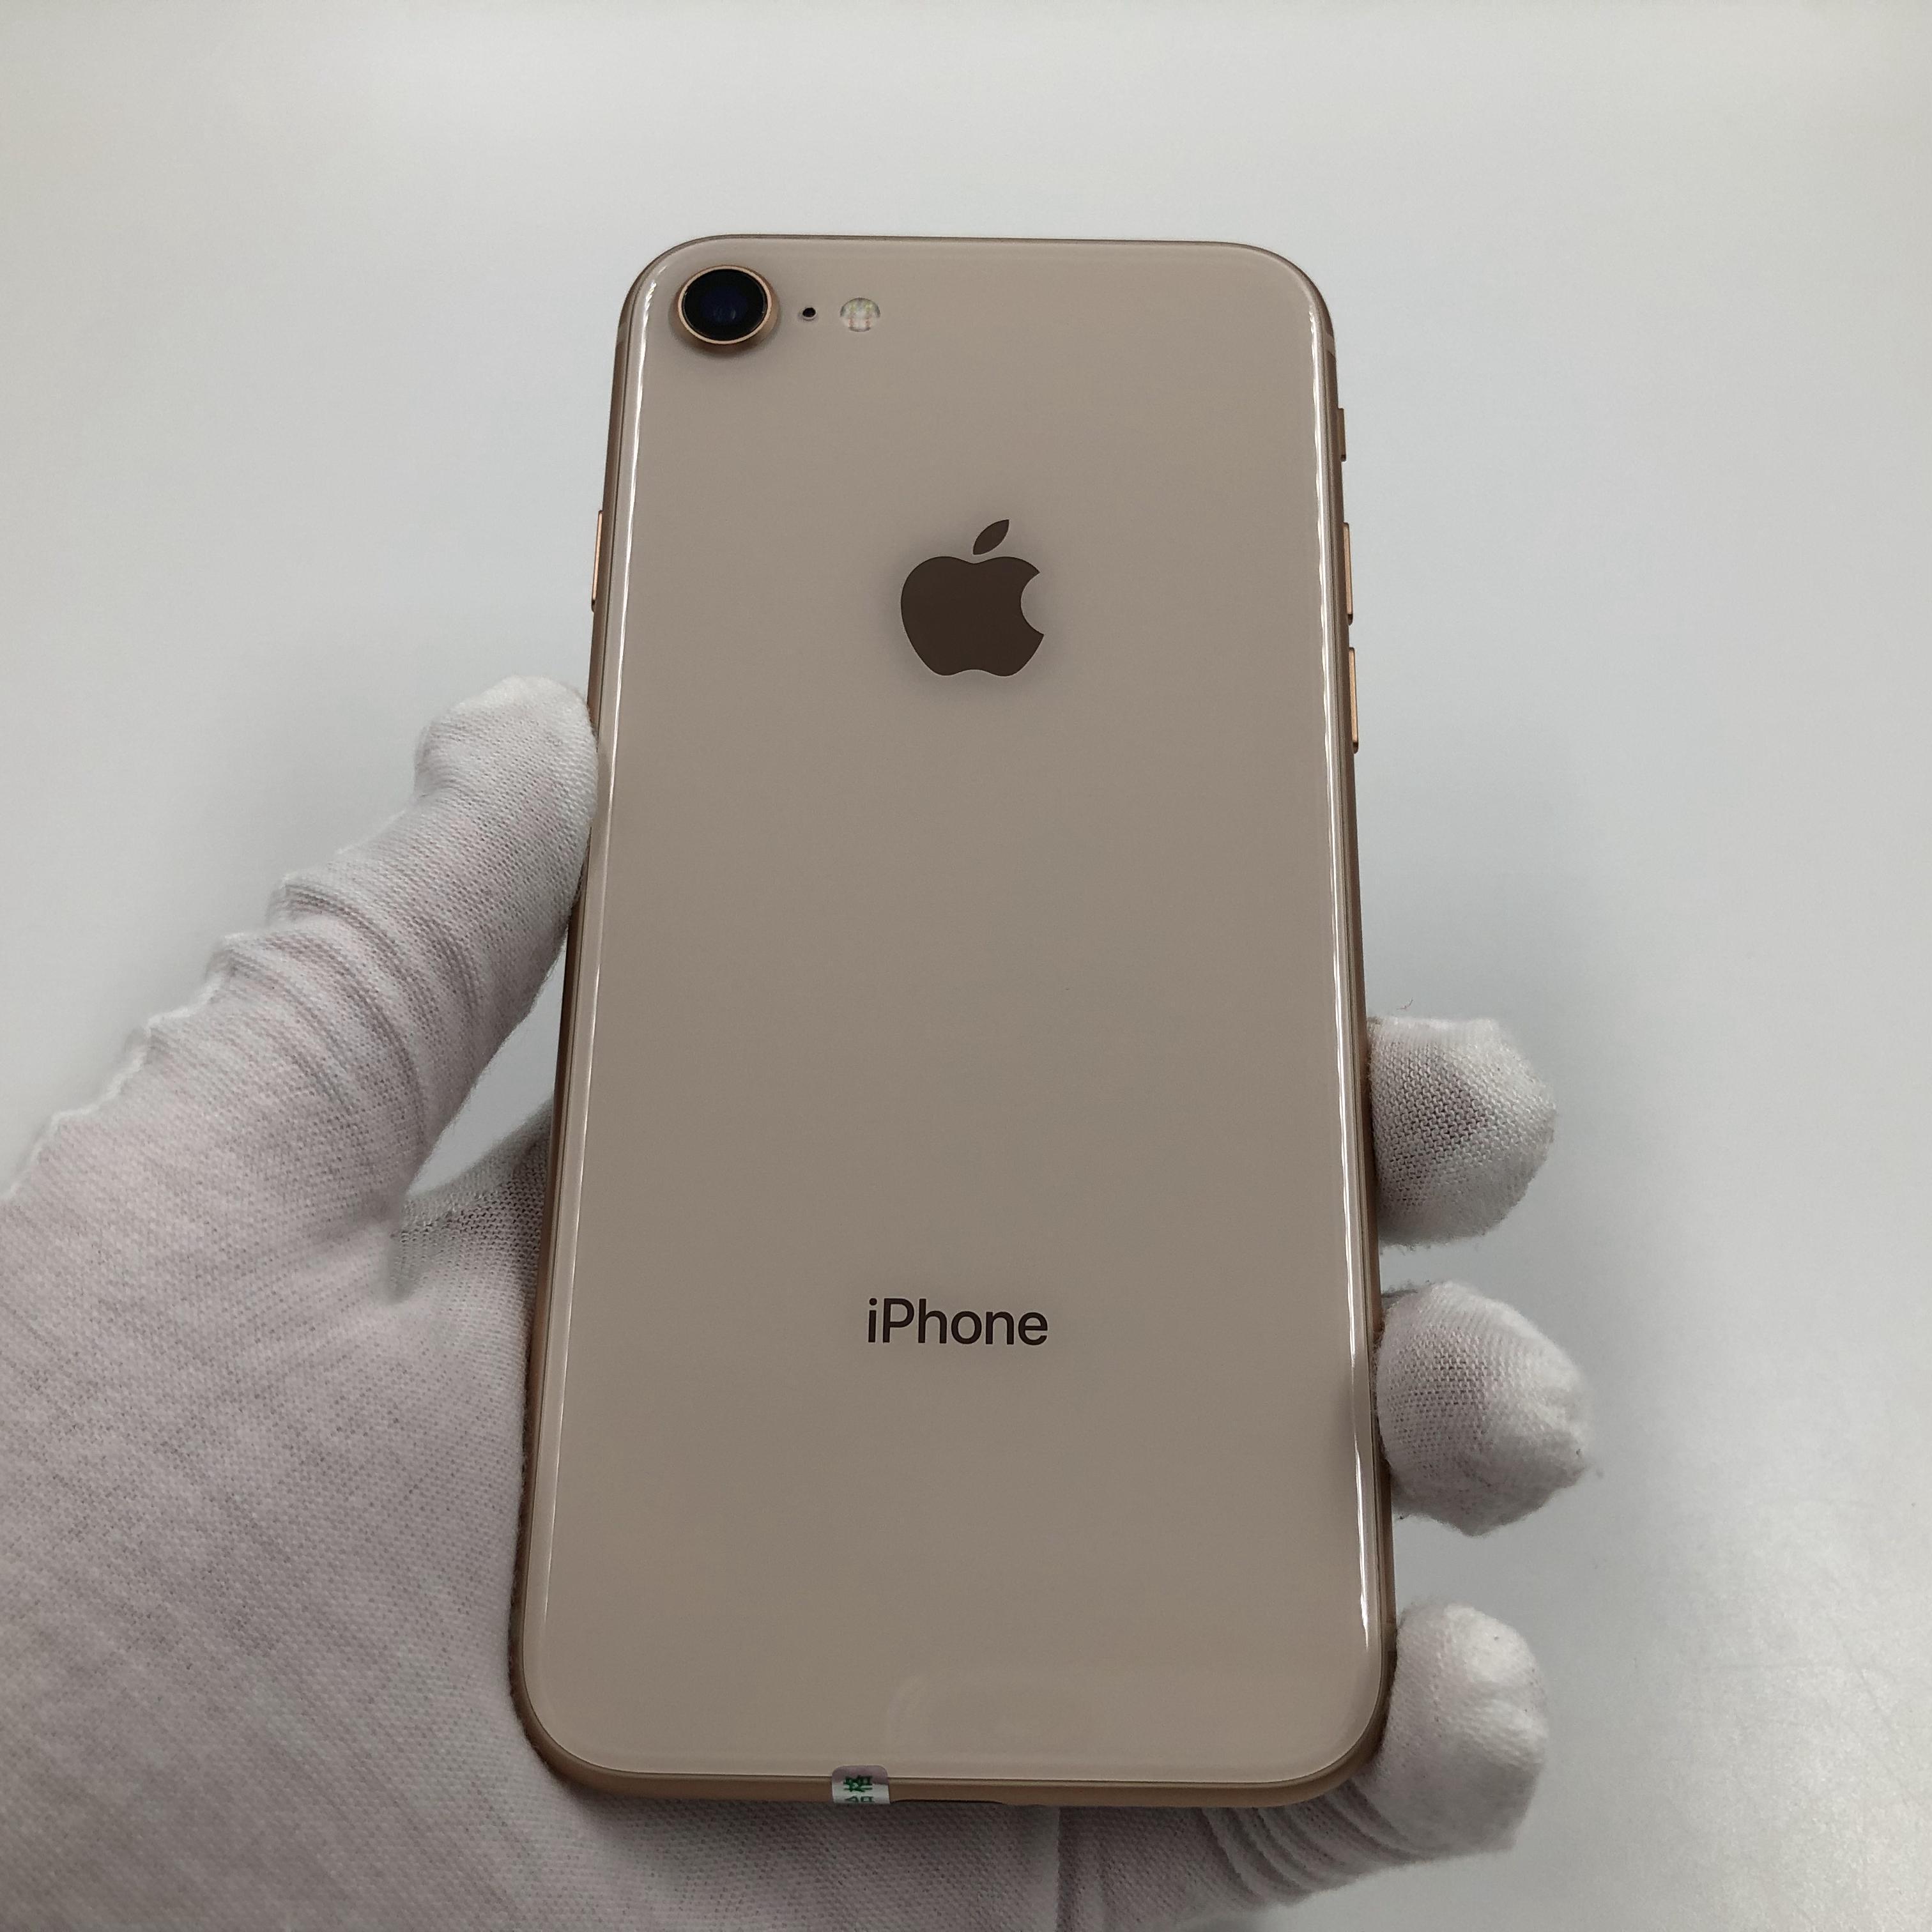 苹果【iPhone 8】4G全网通 金色 64G 国行 8成新 真机实拍